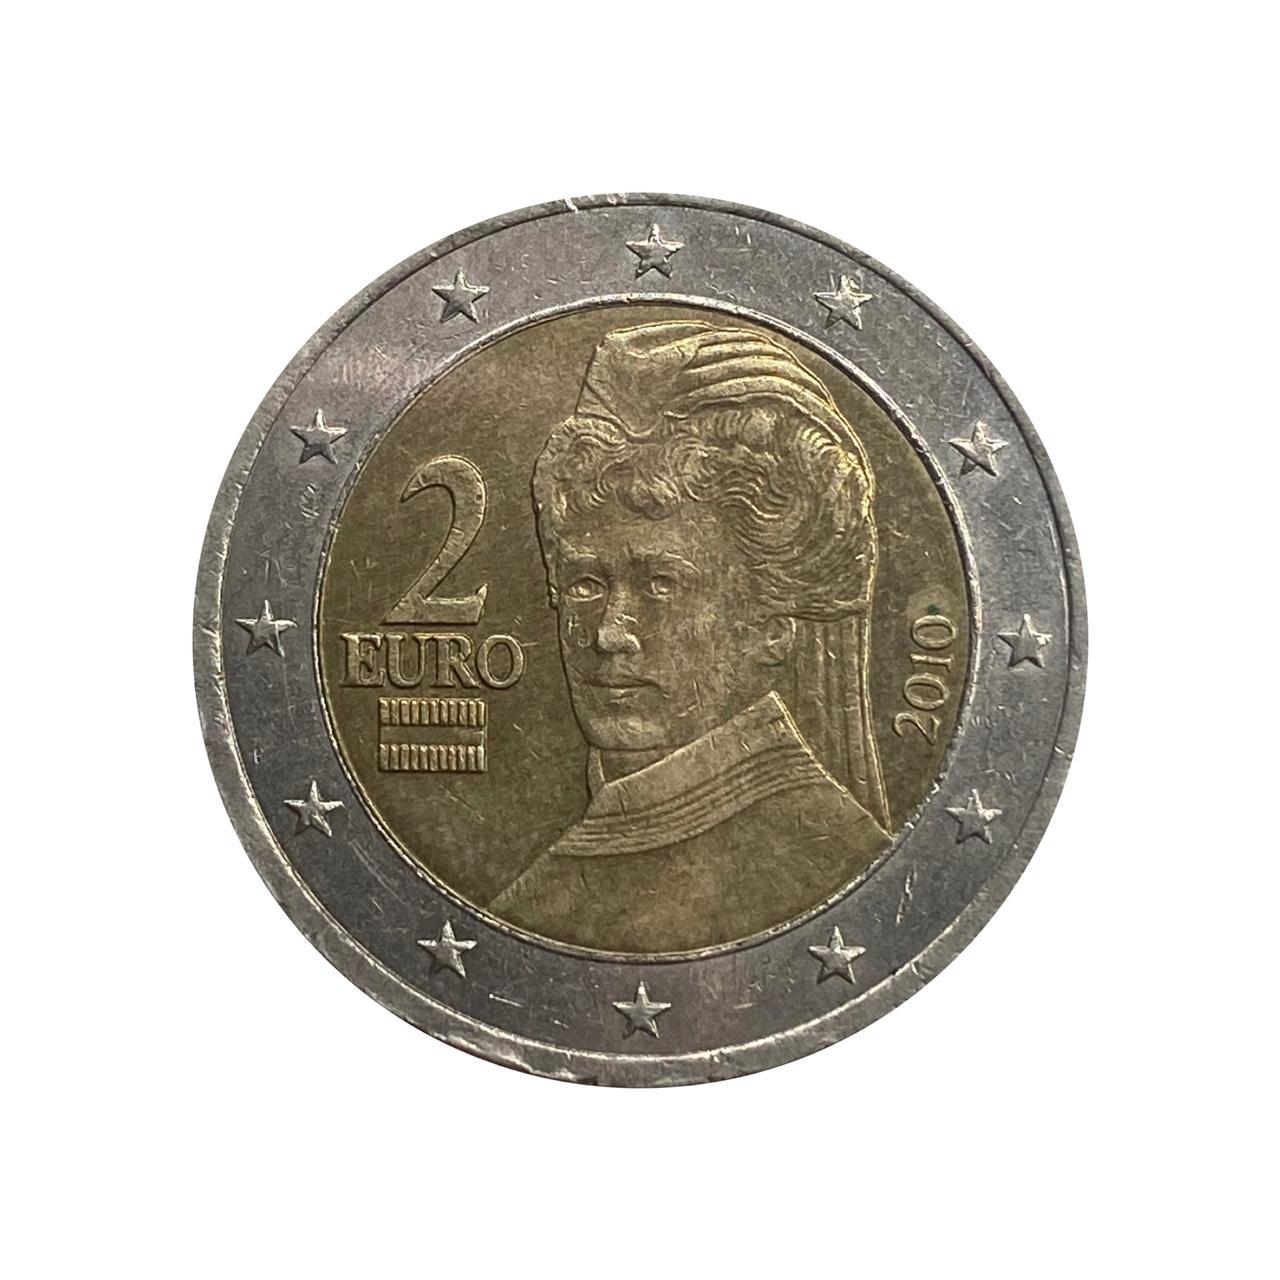 2 Euros Austria 2010 mbc